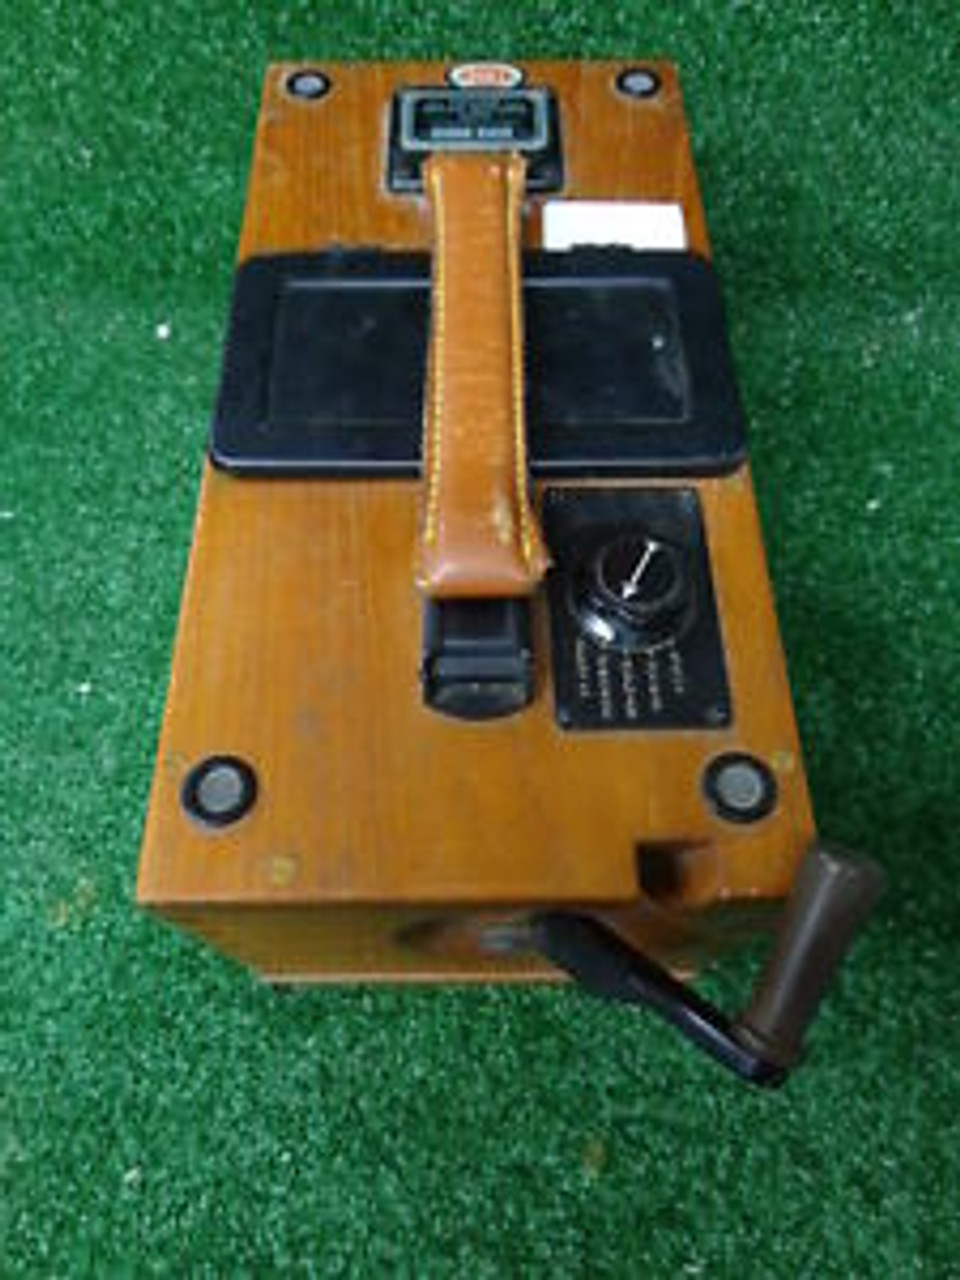 Biddle Megger Ground Resistance Wooden Tester Vintage 1942061 Spw Industrial